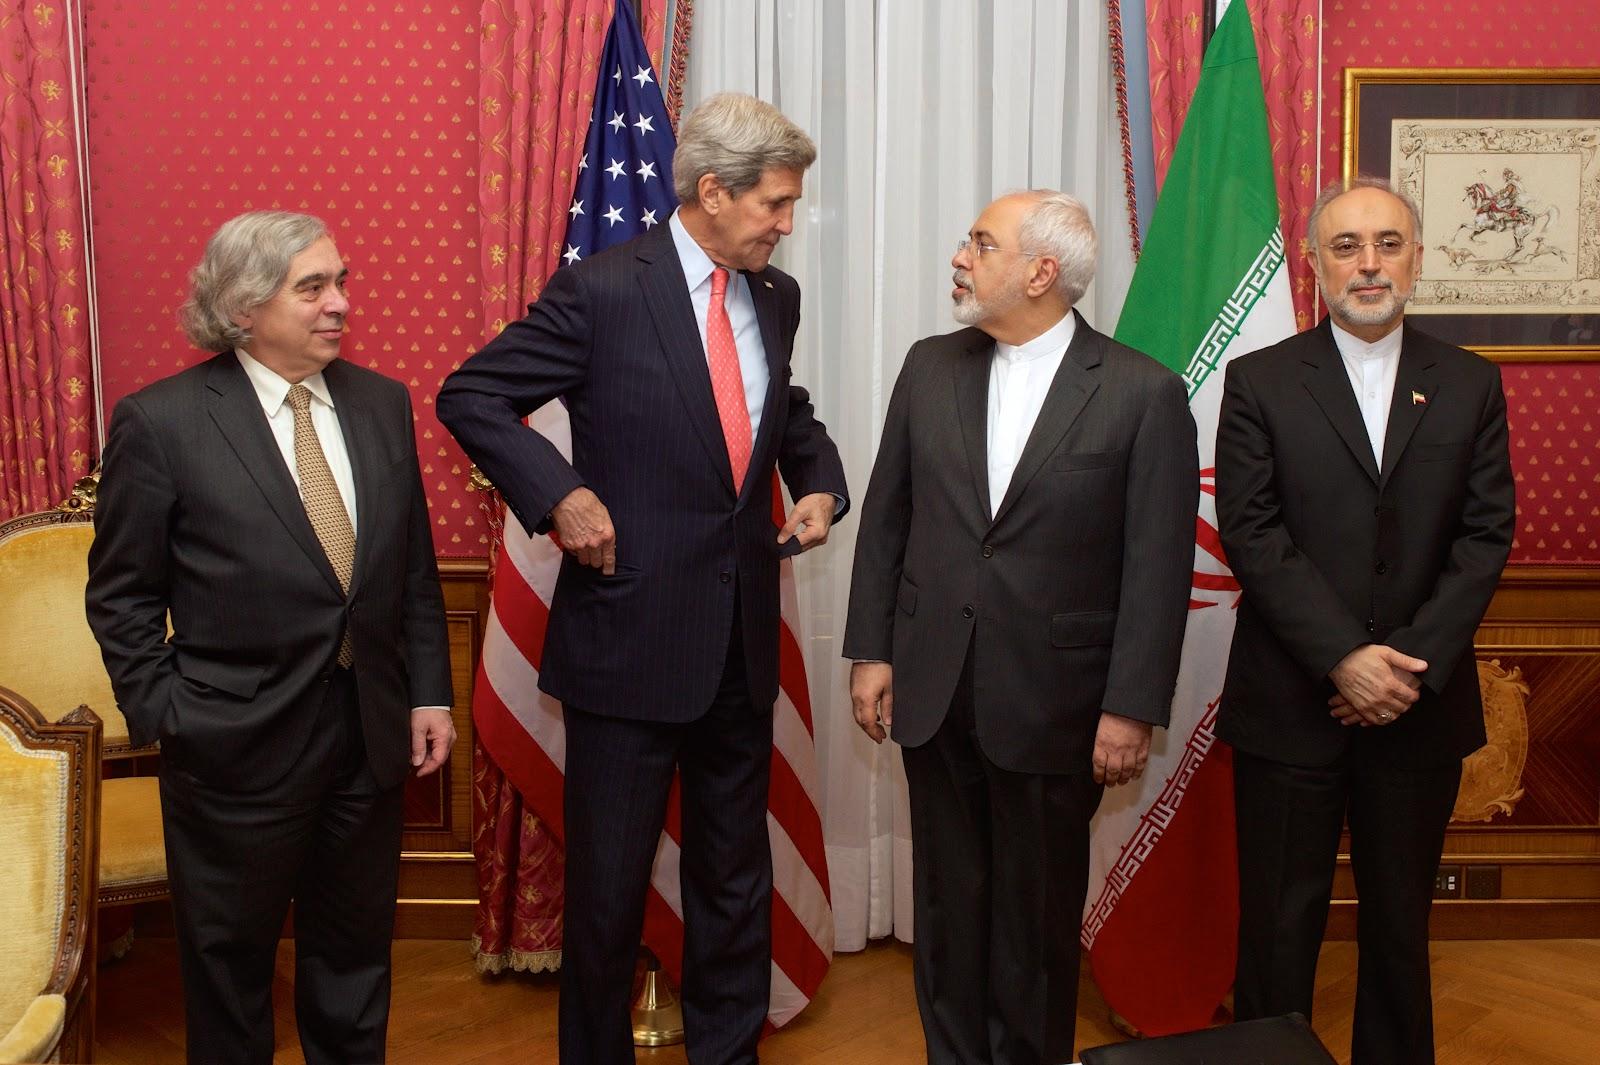 Bilateral_Nuclear_Talks_-_Ernest_Moniz-John_Kerry-Mohammad_Javad_Zarif-Ali_Akbar_Salehi.jpg